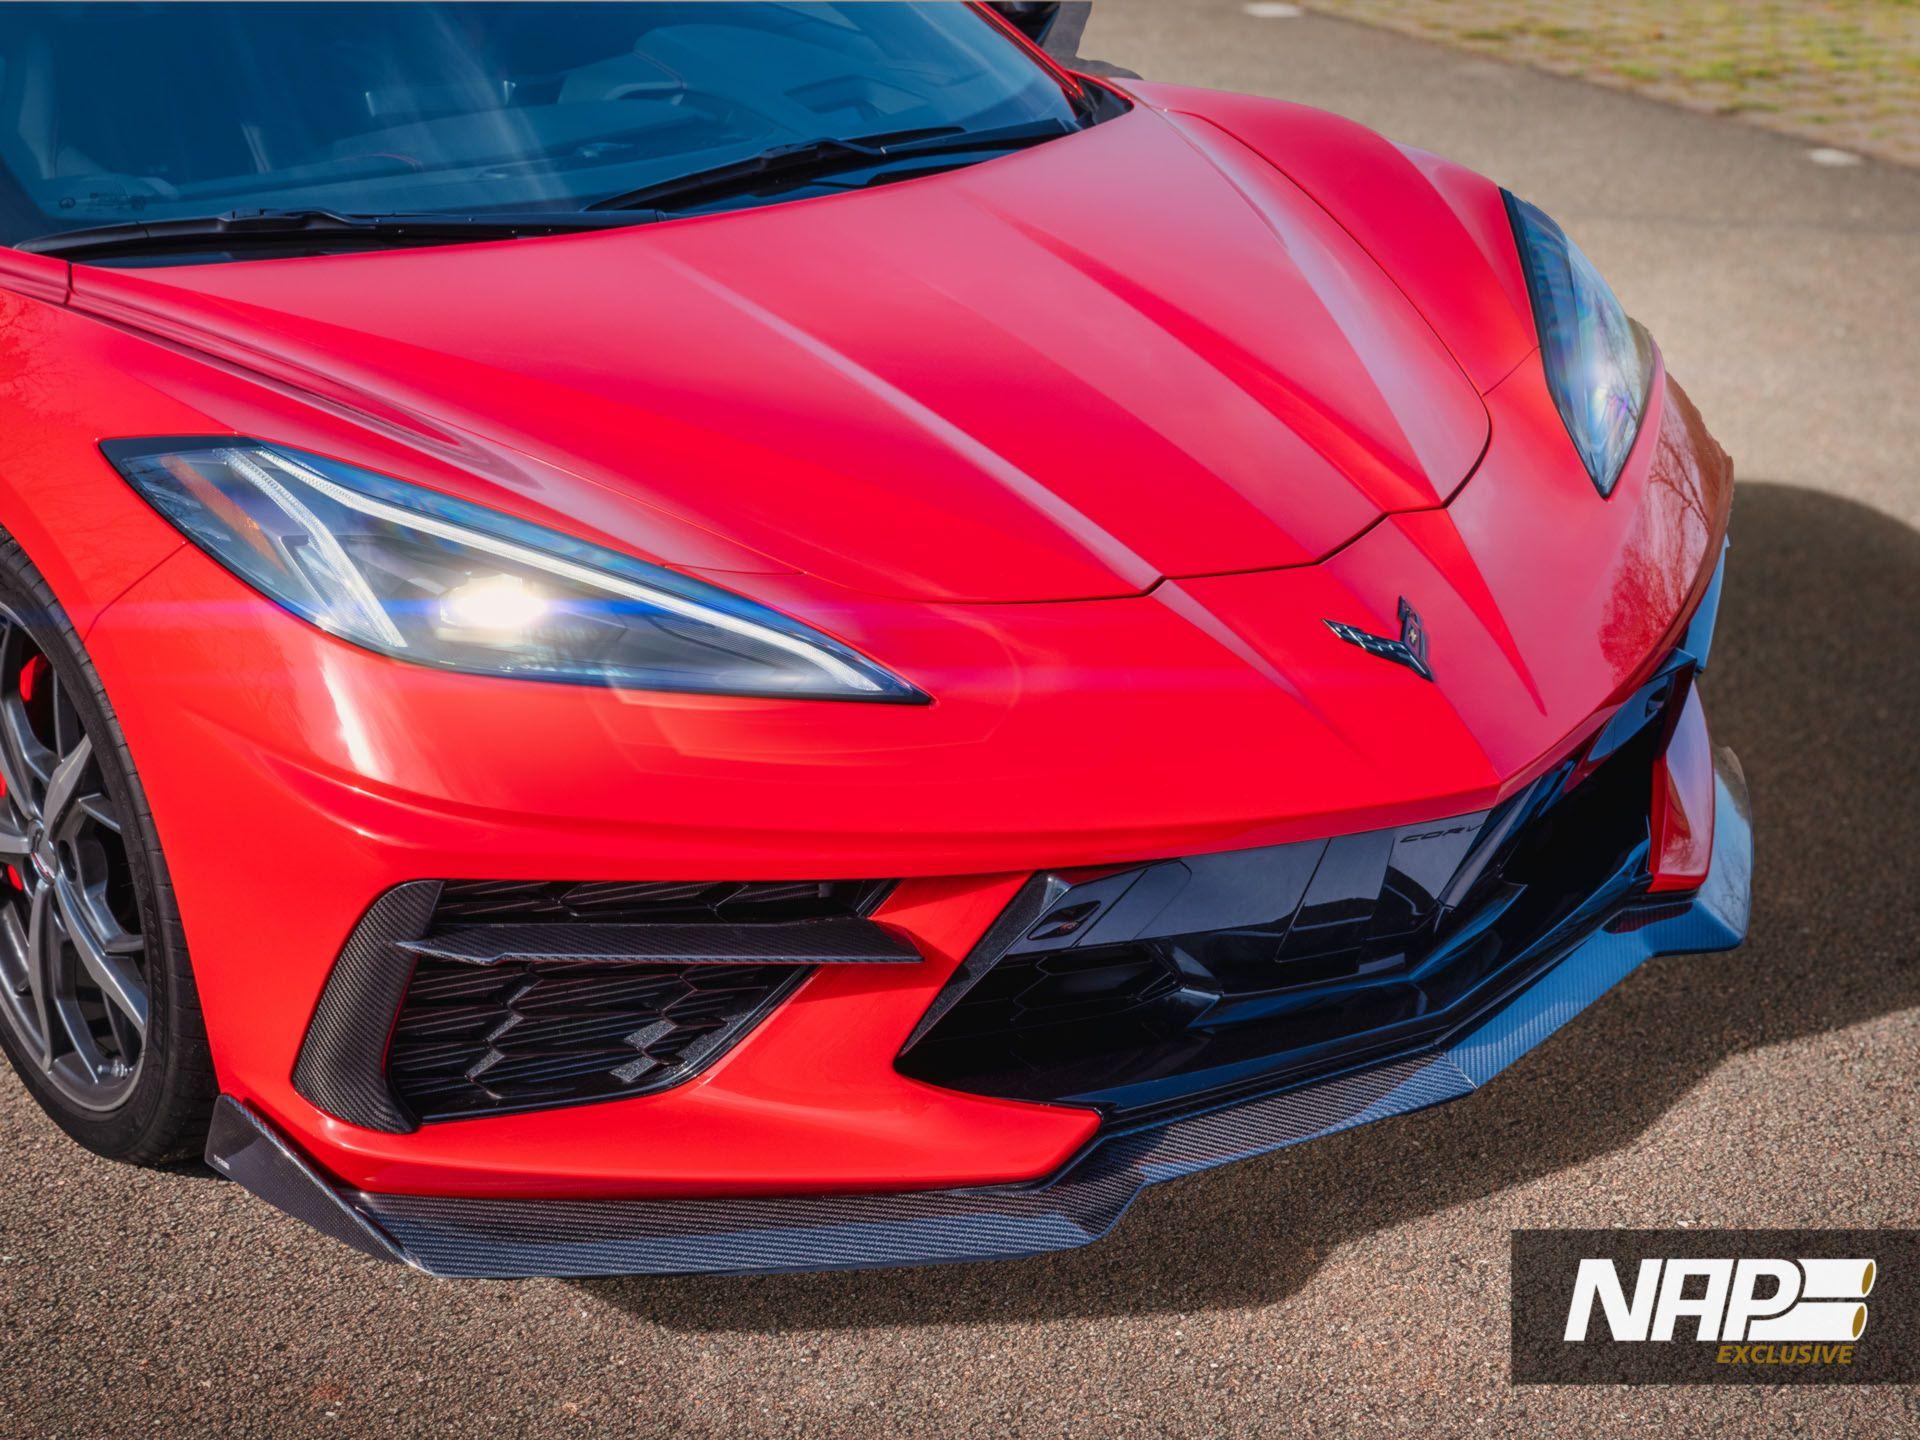 Chevrolet-Corvette-by-NAP-Sportauspuff-Manufaktur-8